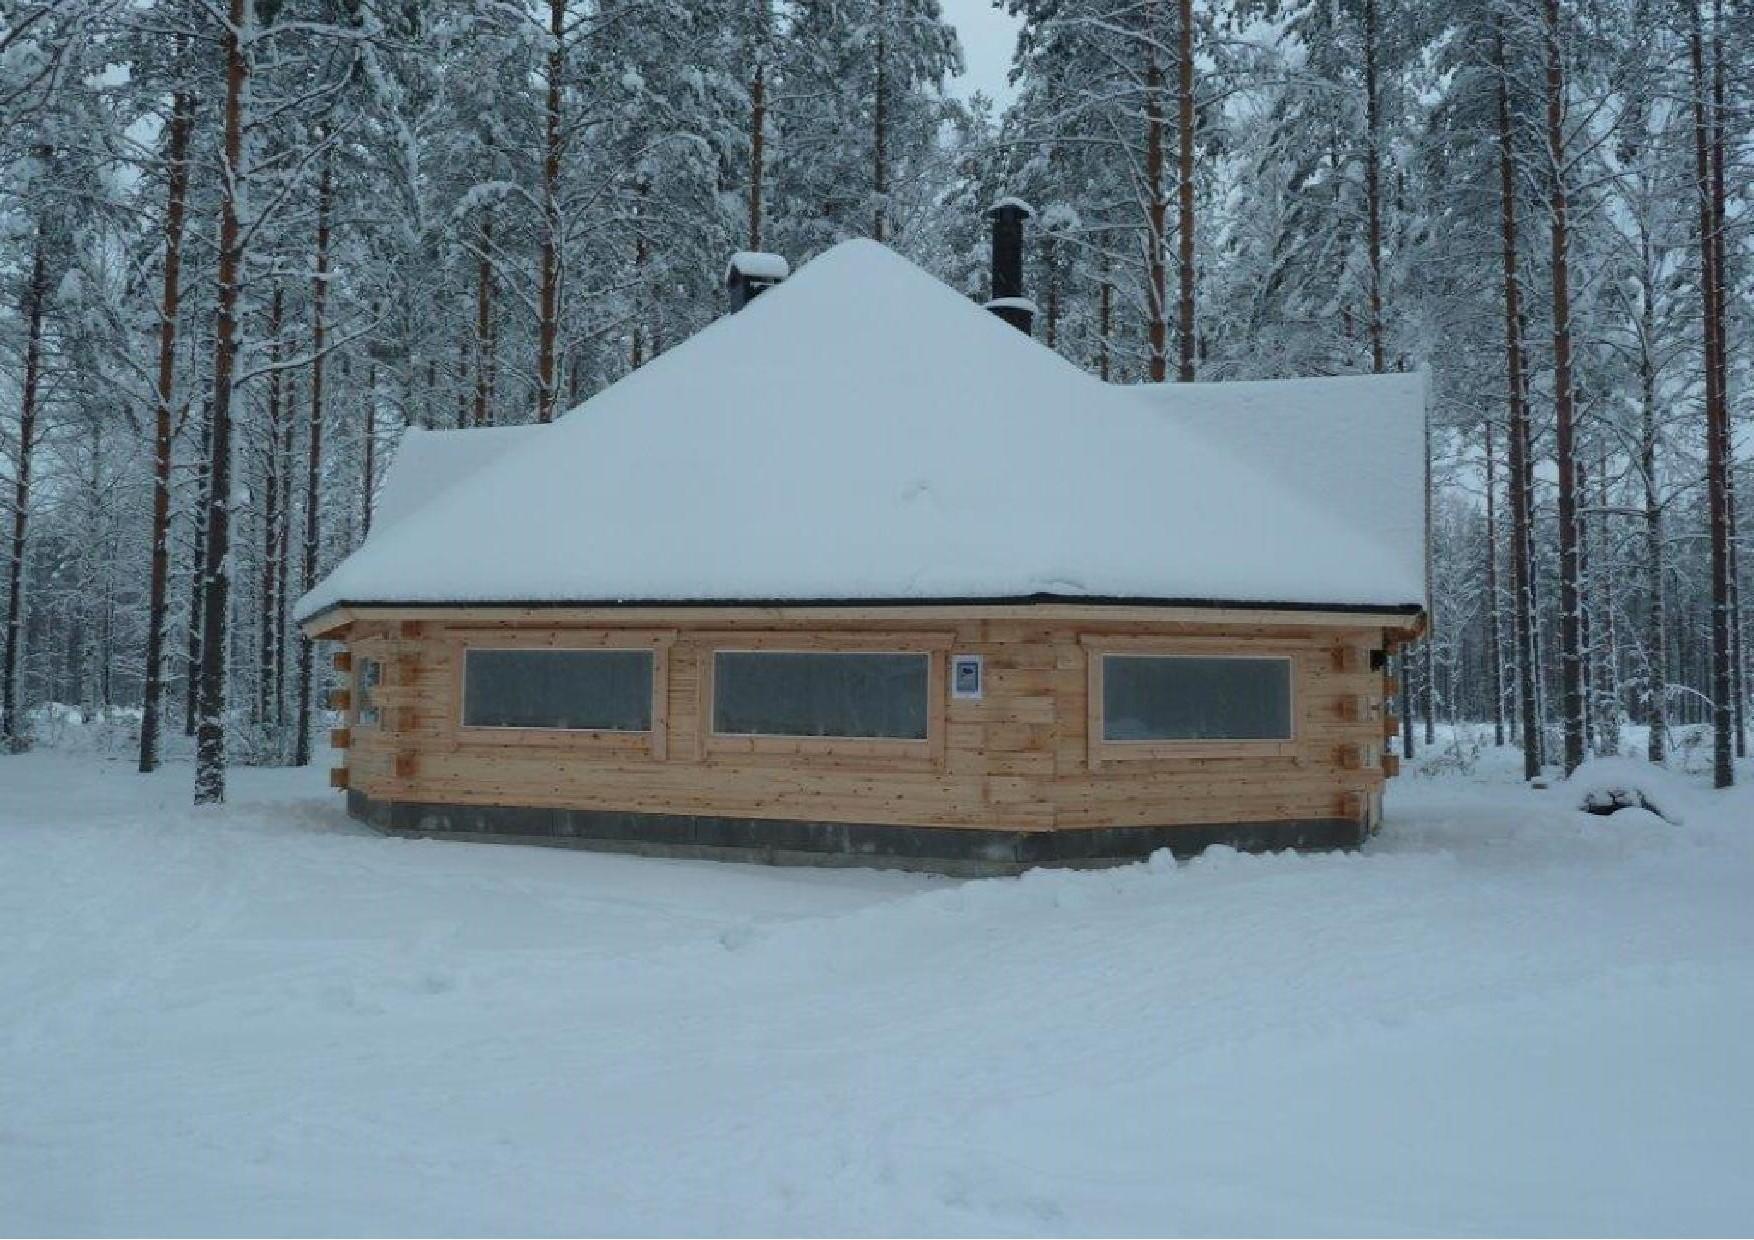 Hannu Huuskonen ja Mauri Mönkkönen kävivät Joulun aattona Jukolan motti -pirtillä. Jukolan motissa on lunta reilut 30 cm. Kuva on heidän ottamansa.